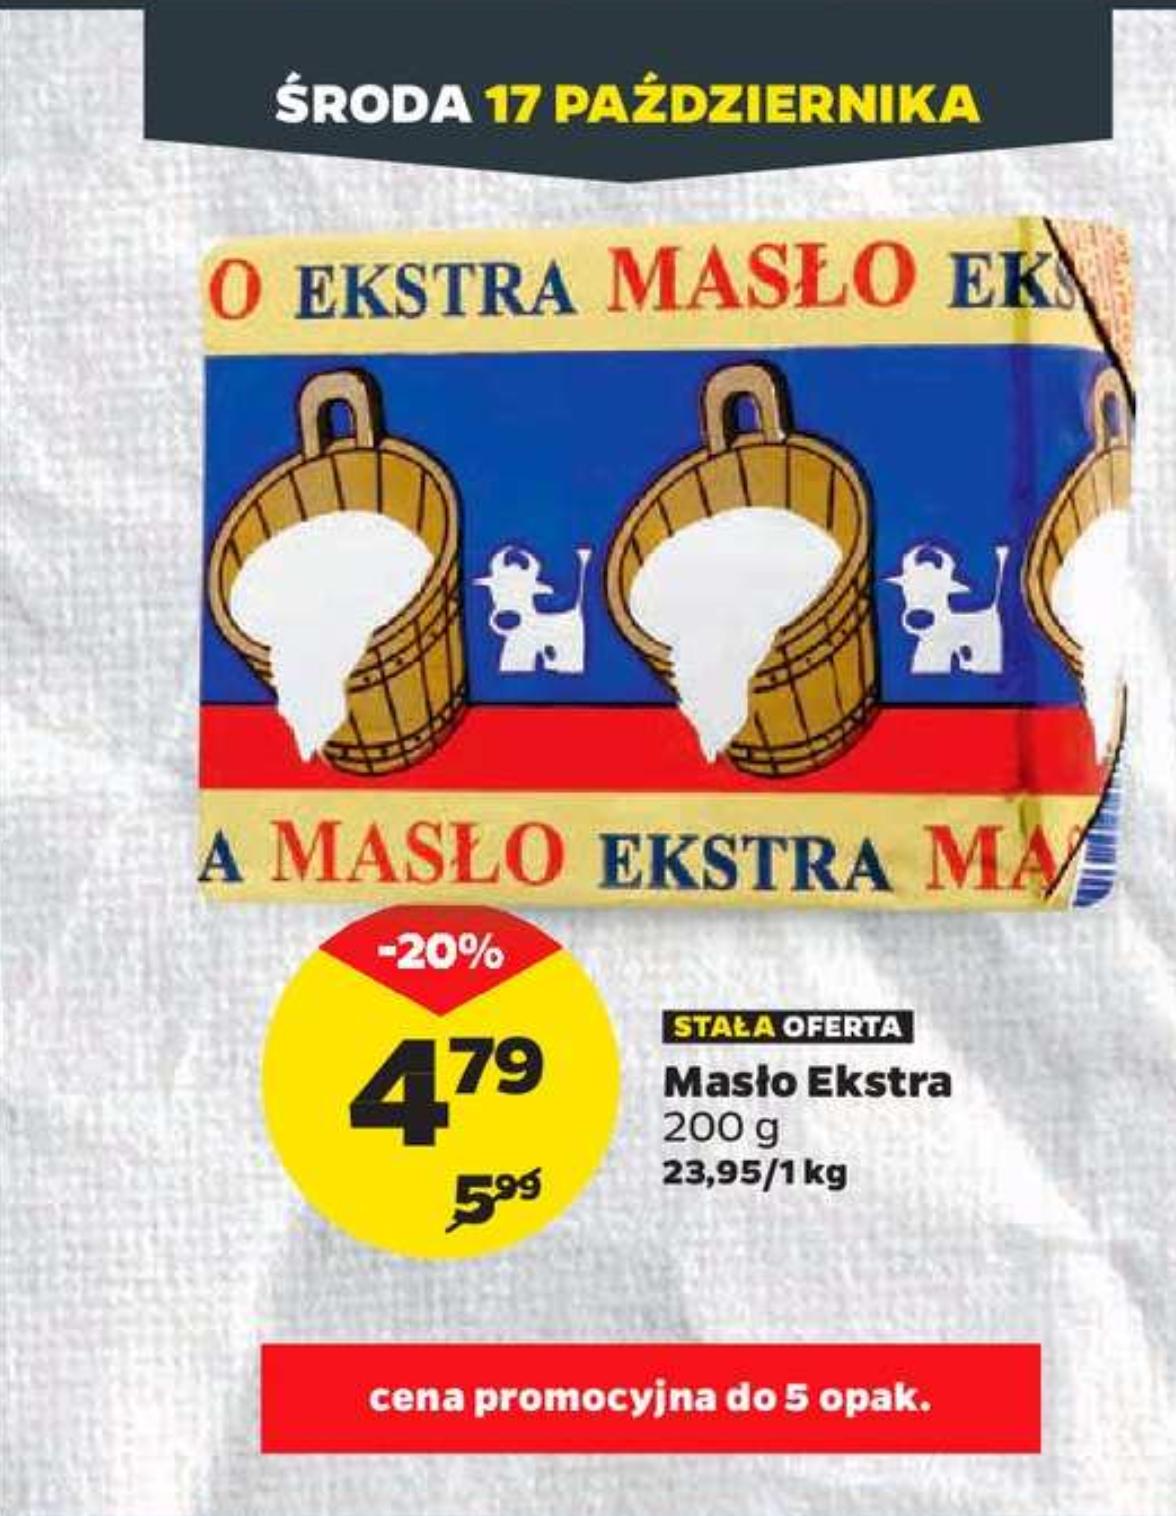 Masło ekstra - Netto